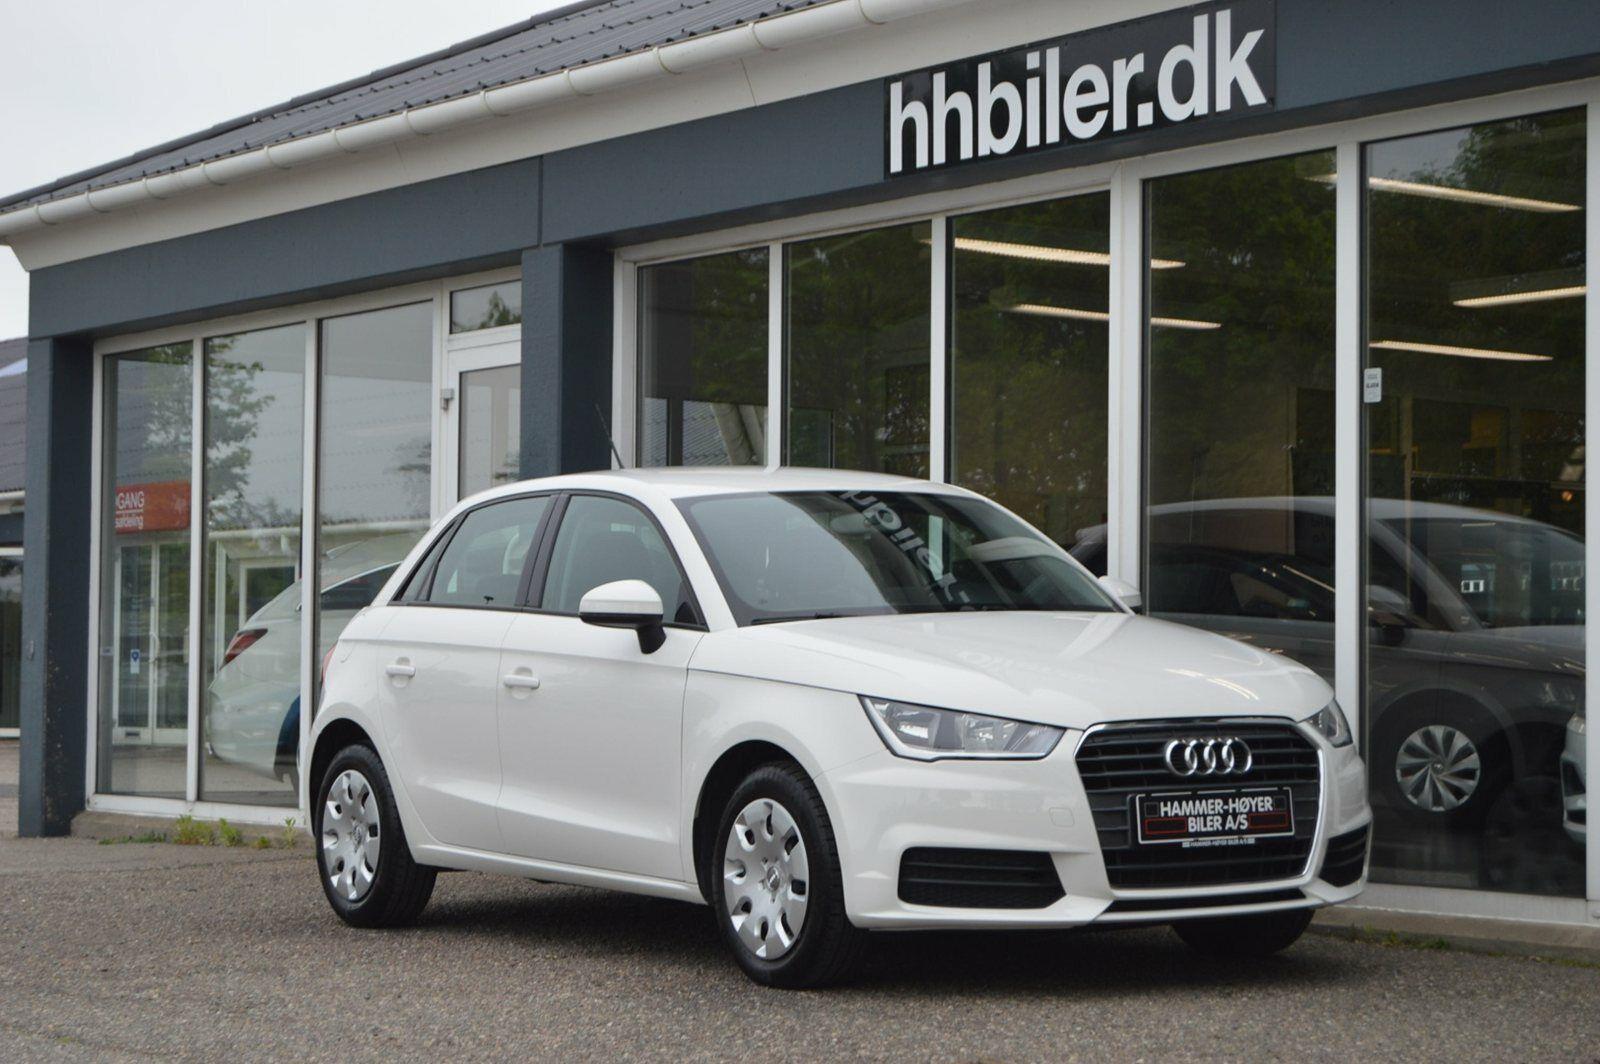 Audi A1 1,0 TFSi 95 SB 5d - 169.500 kr.